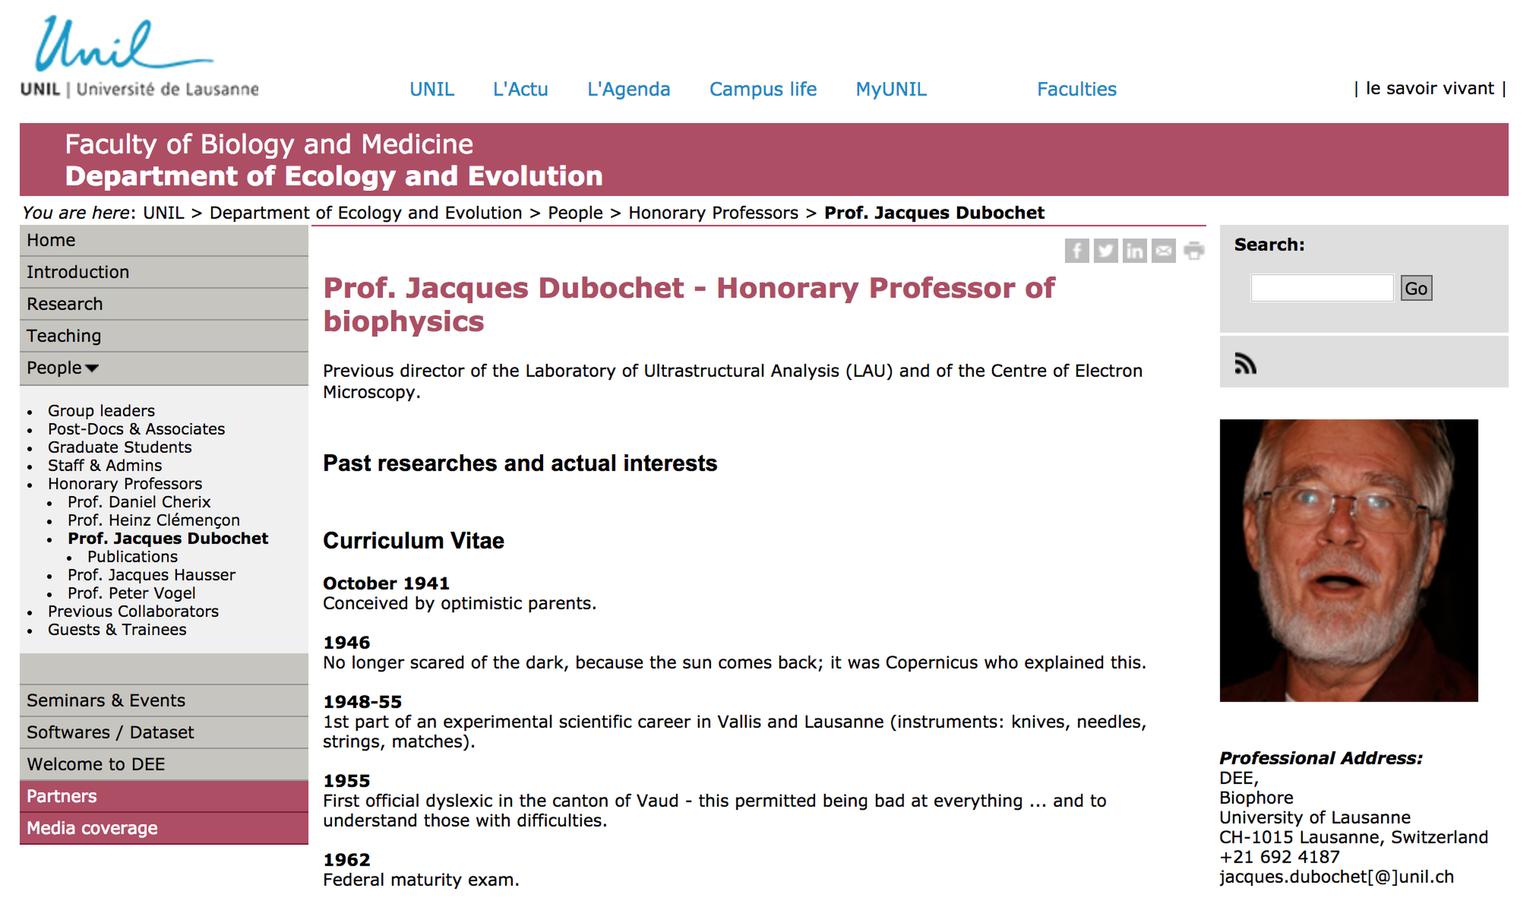 Wir haben den CV von Nobelpreisträger Jacques Dubochet übersetzt ...